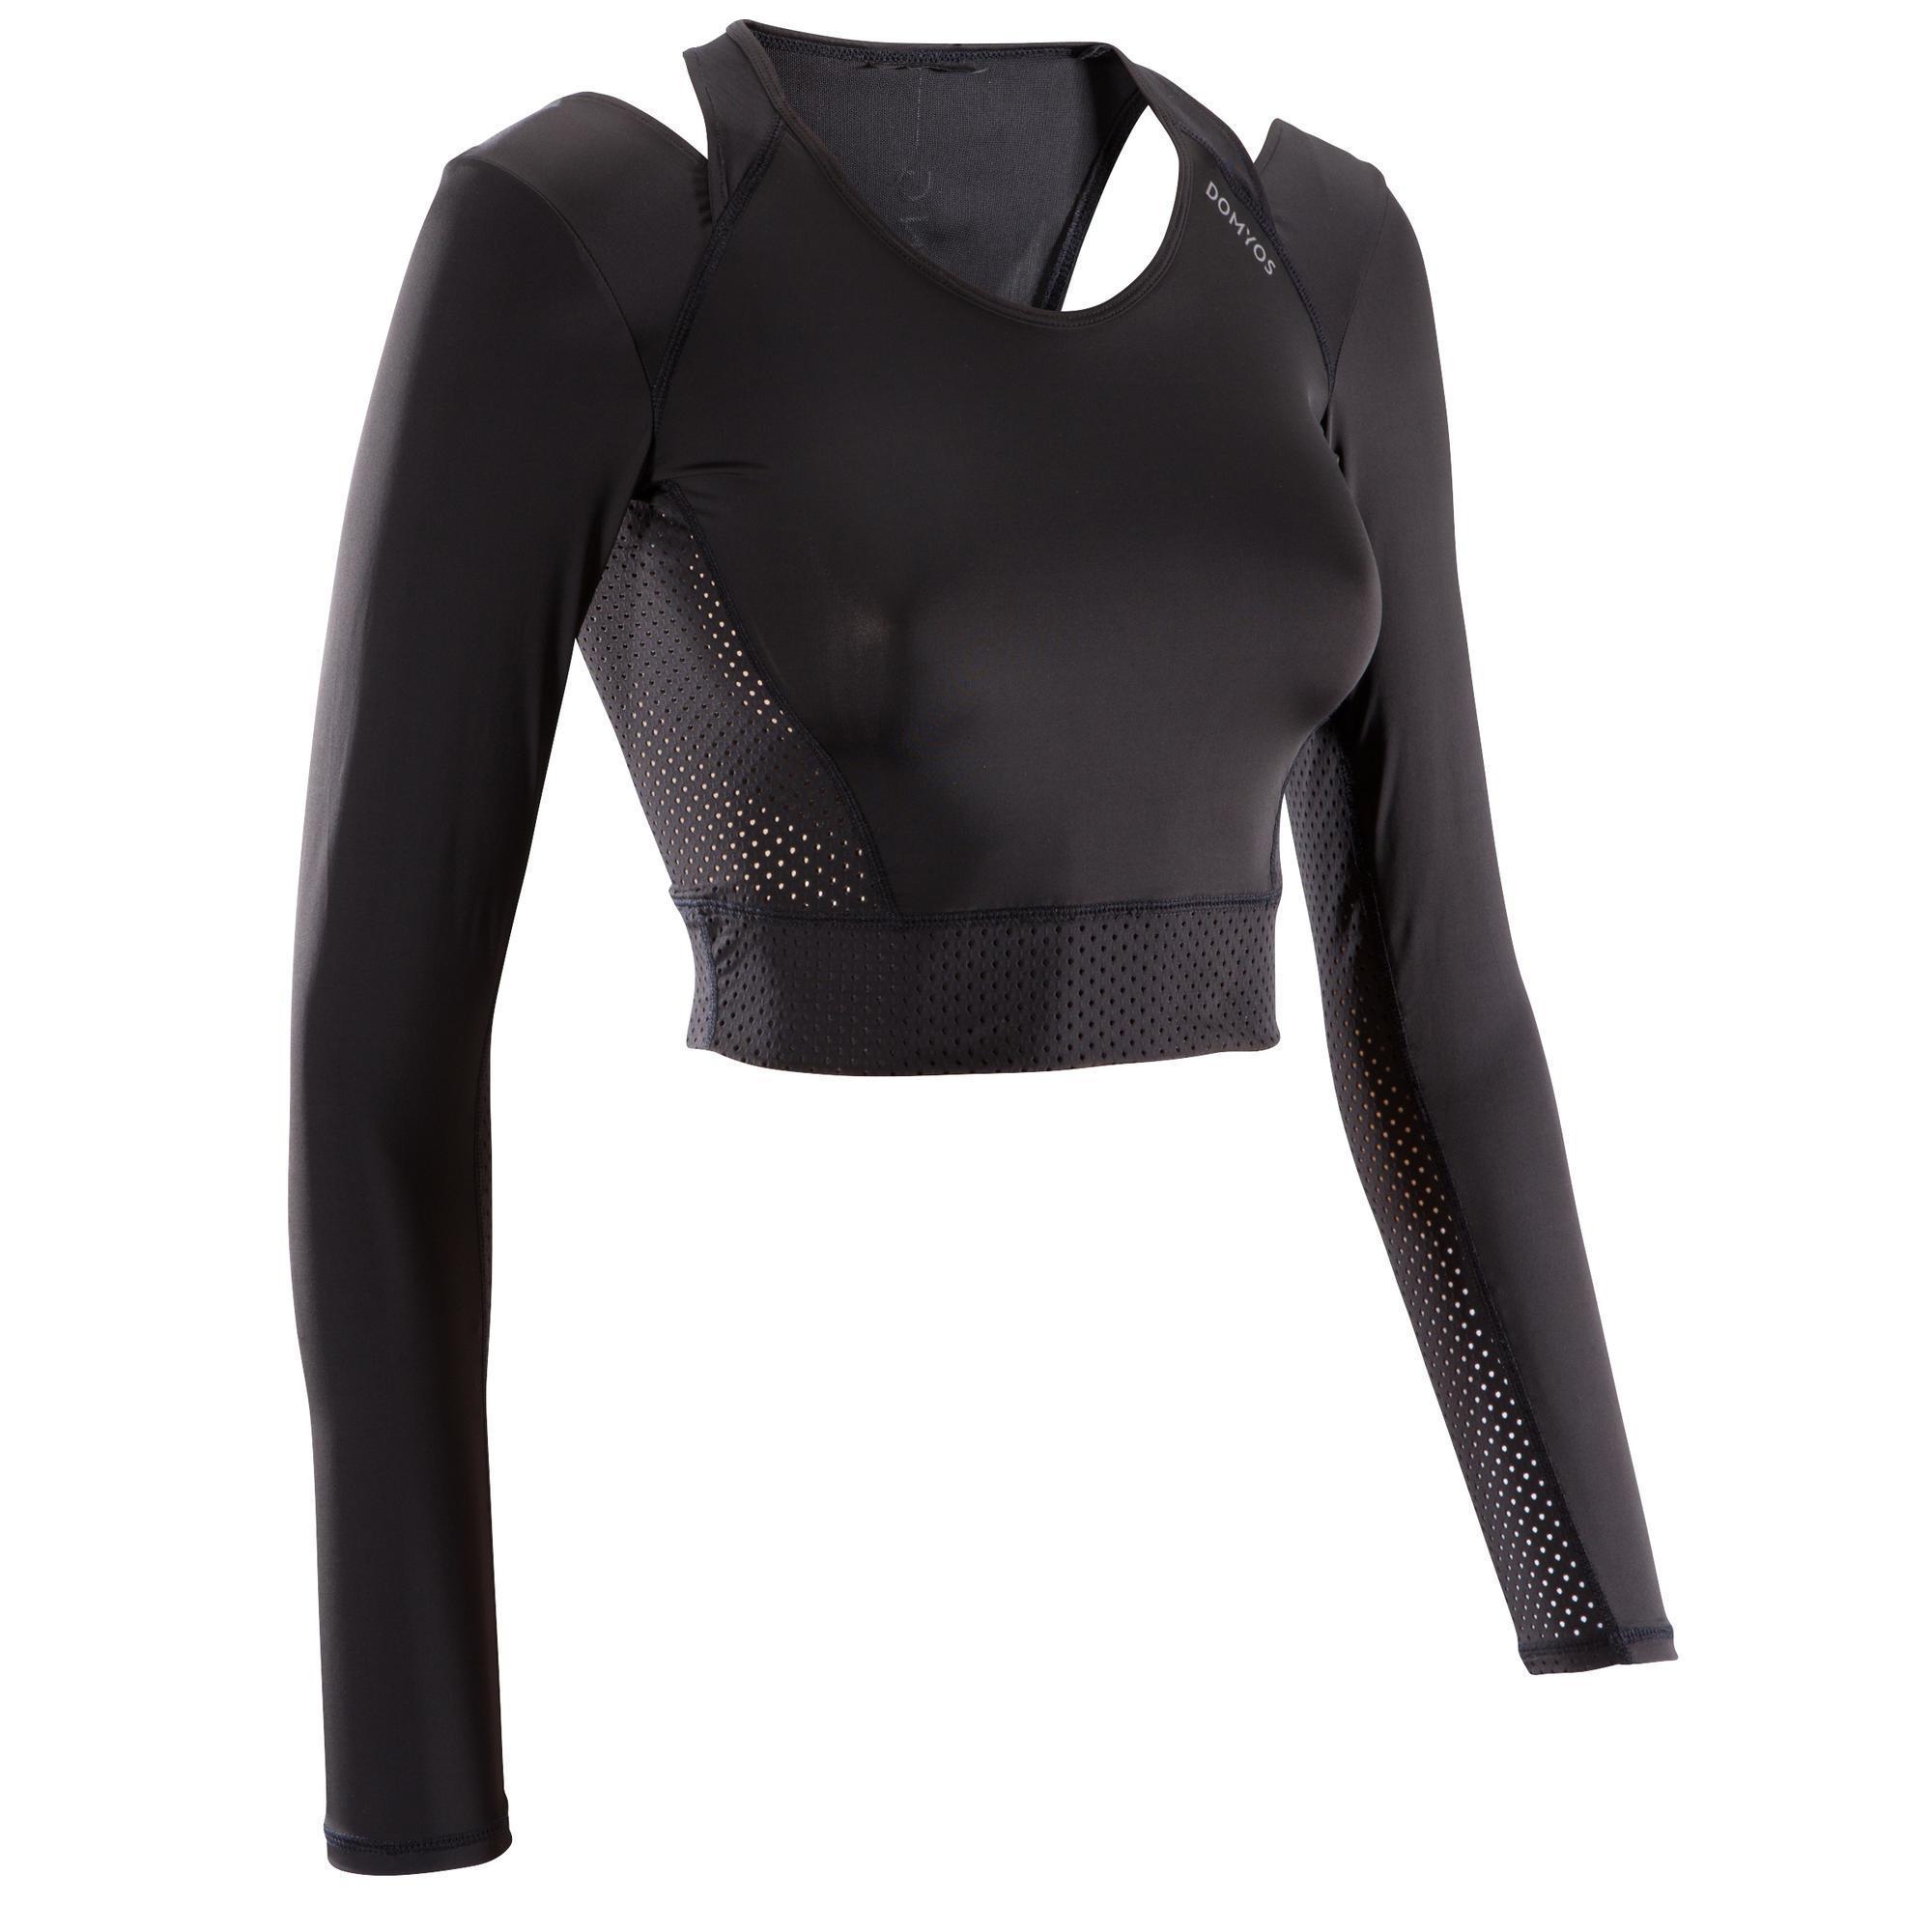 Domyos Fitness crop top 900 voor dames, zwart kopen? Leest dit eerst: Fitness kleding Fitness shirt met korting